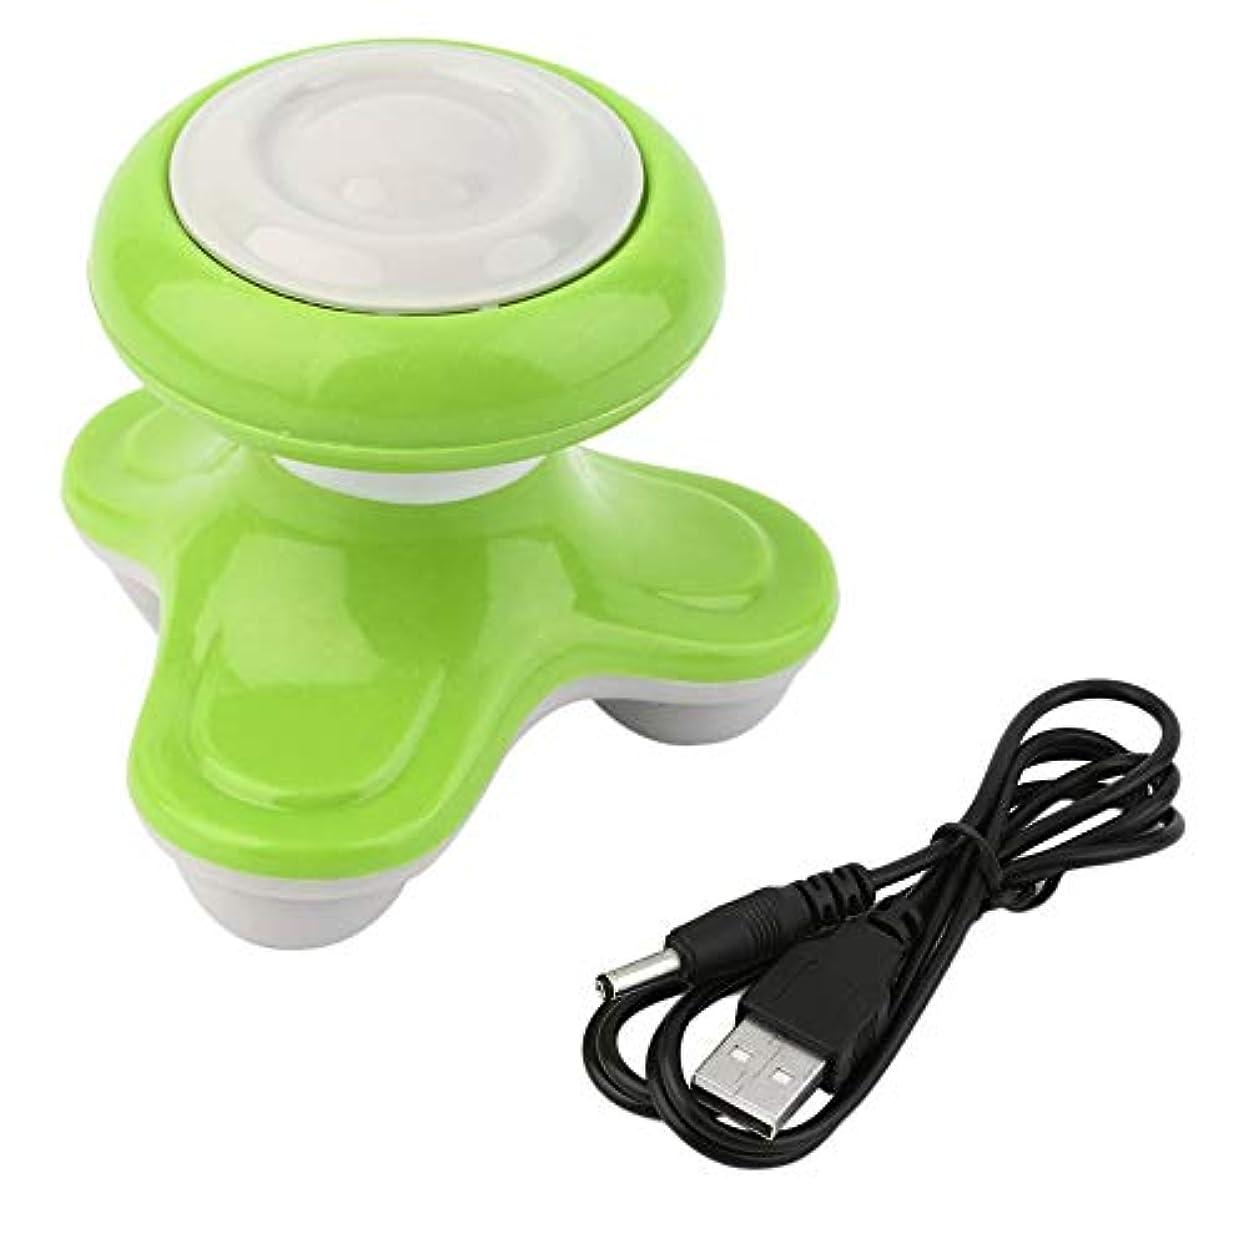 シャックルワークショップ傾くミニ電動ハンドル波振動マッサージ器USBバッテリーフルボディマッサージ持ち運びに便利な超小型軽量-グリーン